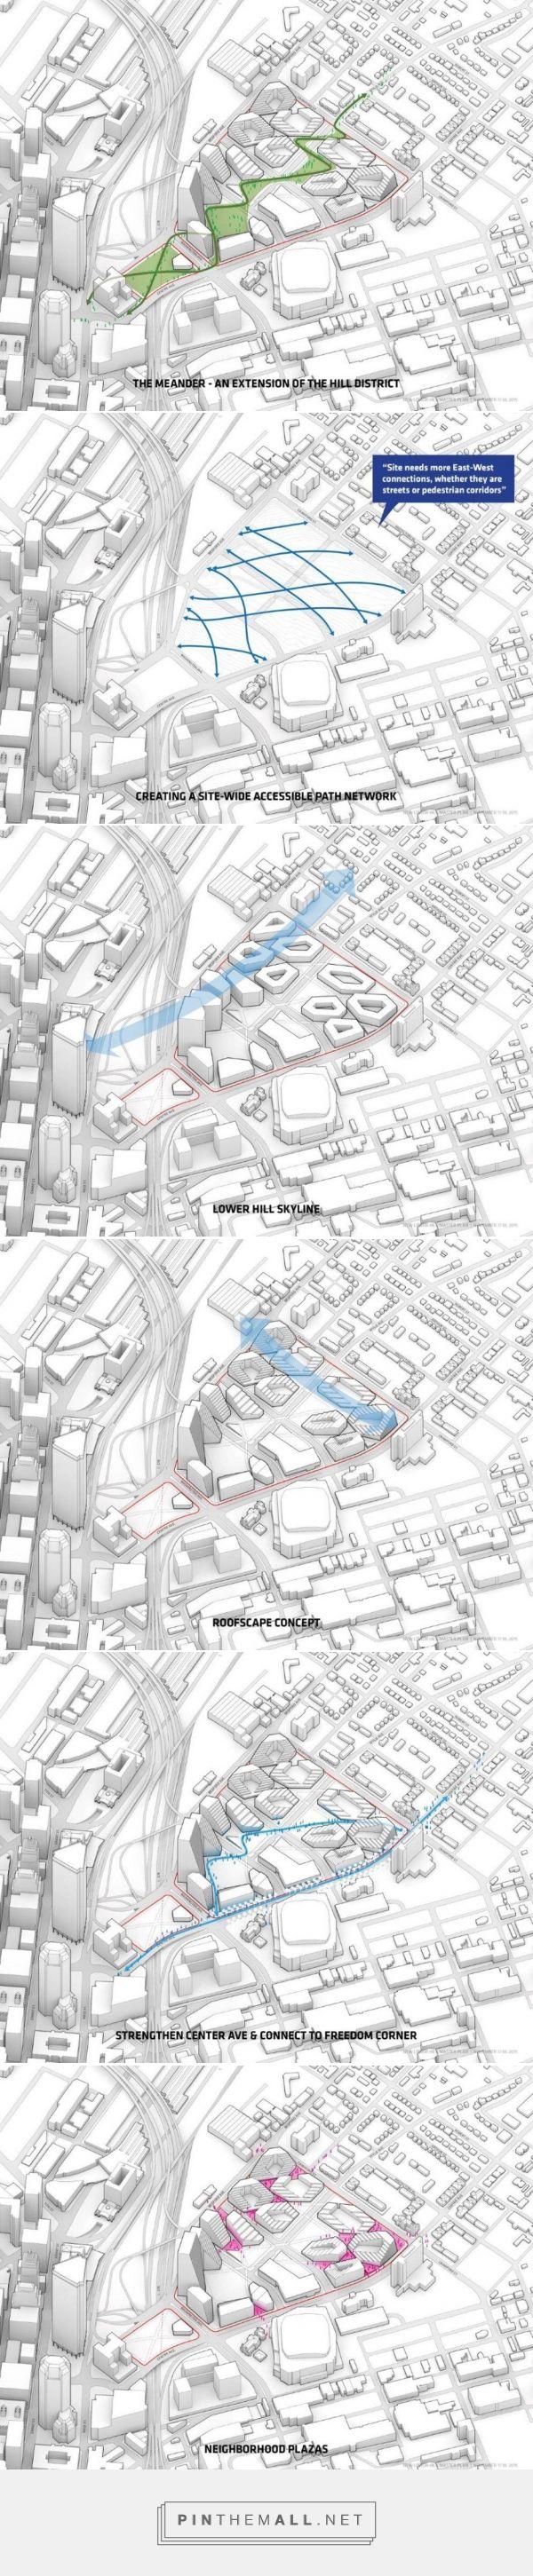 Master Plan in grande scala 3D: Per far vedere i percorsi verdi e l'area di influenza